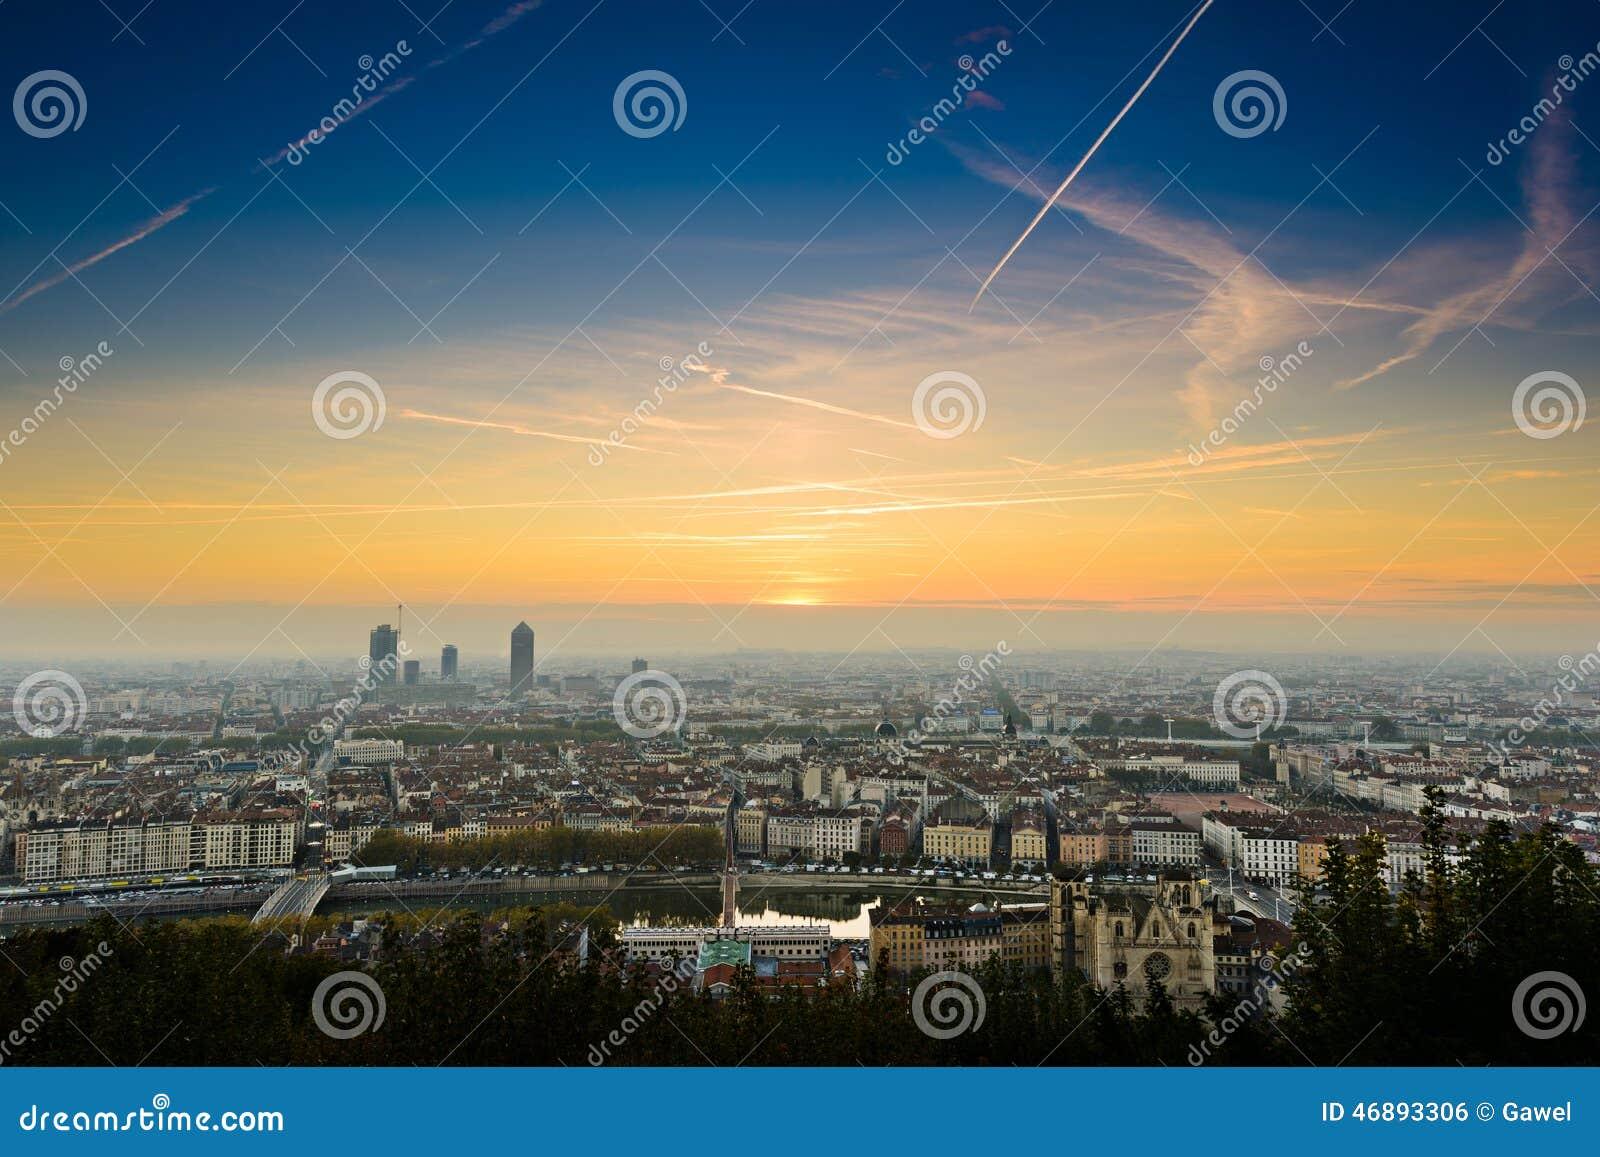 Heure lever soleil lyon - Heure coucher soleil aujourd hui ...